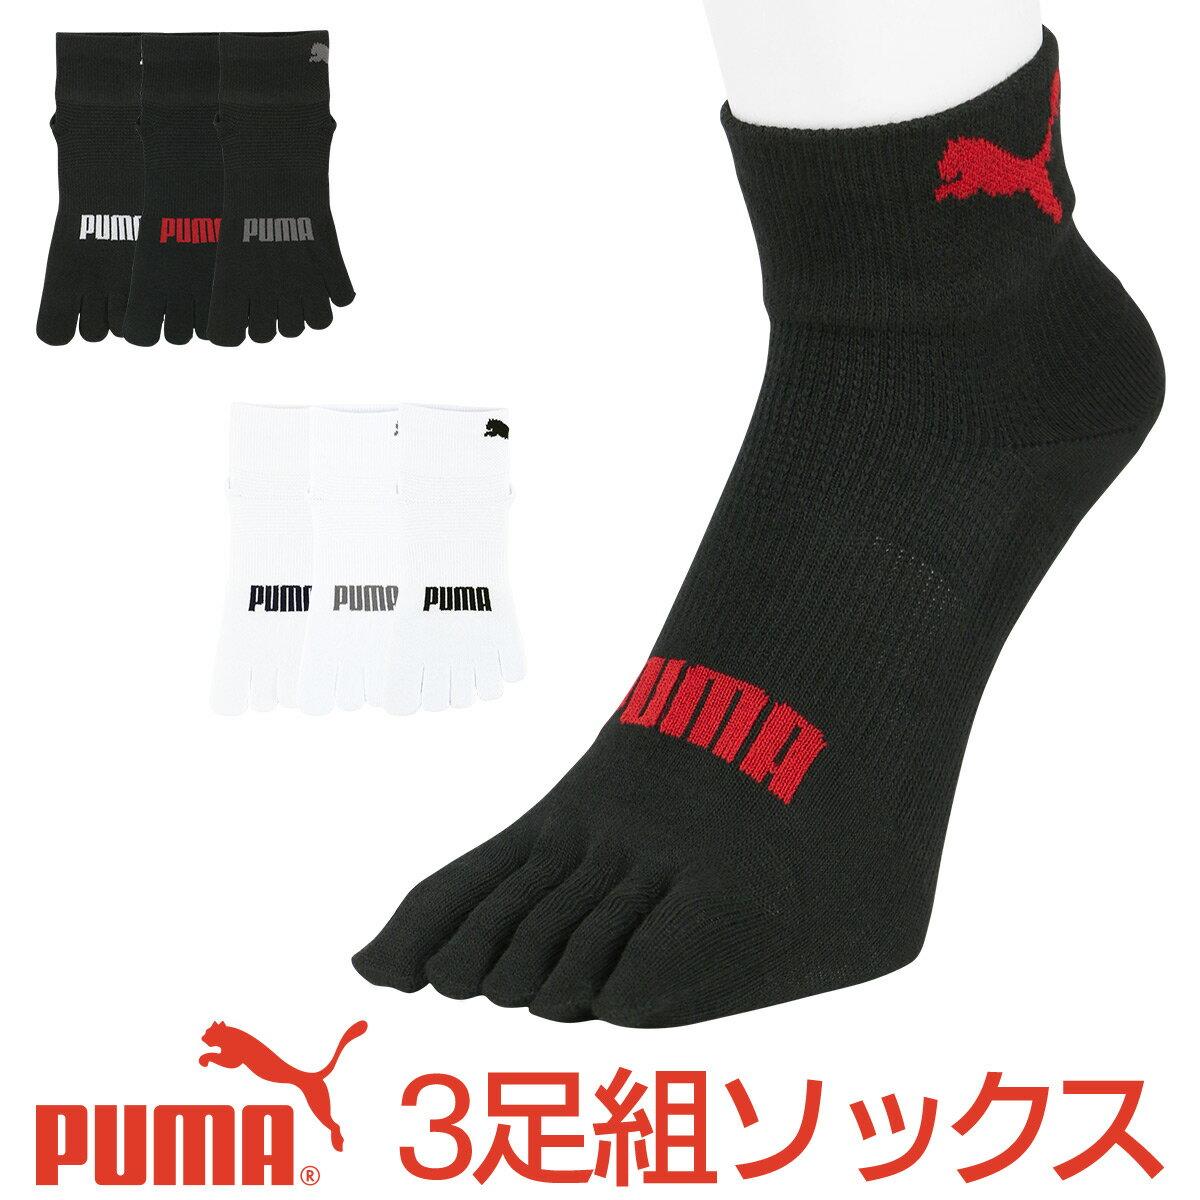 PUMA ( プーマ ) メンズ 靴下 抗菌防臭・アーチサポート・高機能靴下パフォーマンス 3足組ショート丈 五本指 ソックス マラソン ランニング ソックス2822-645